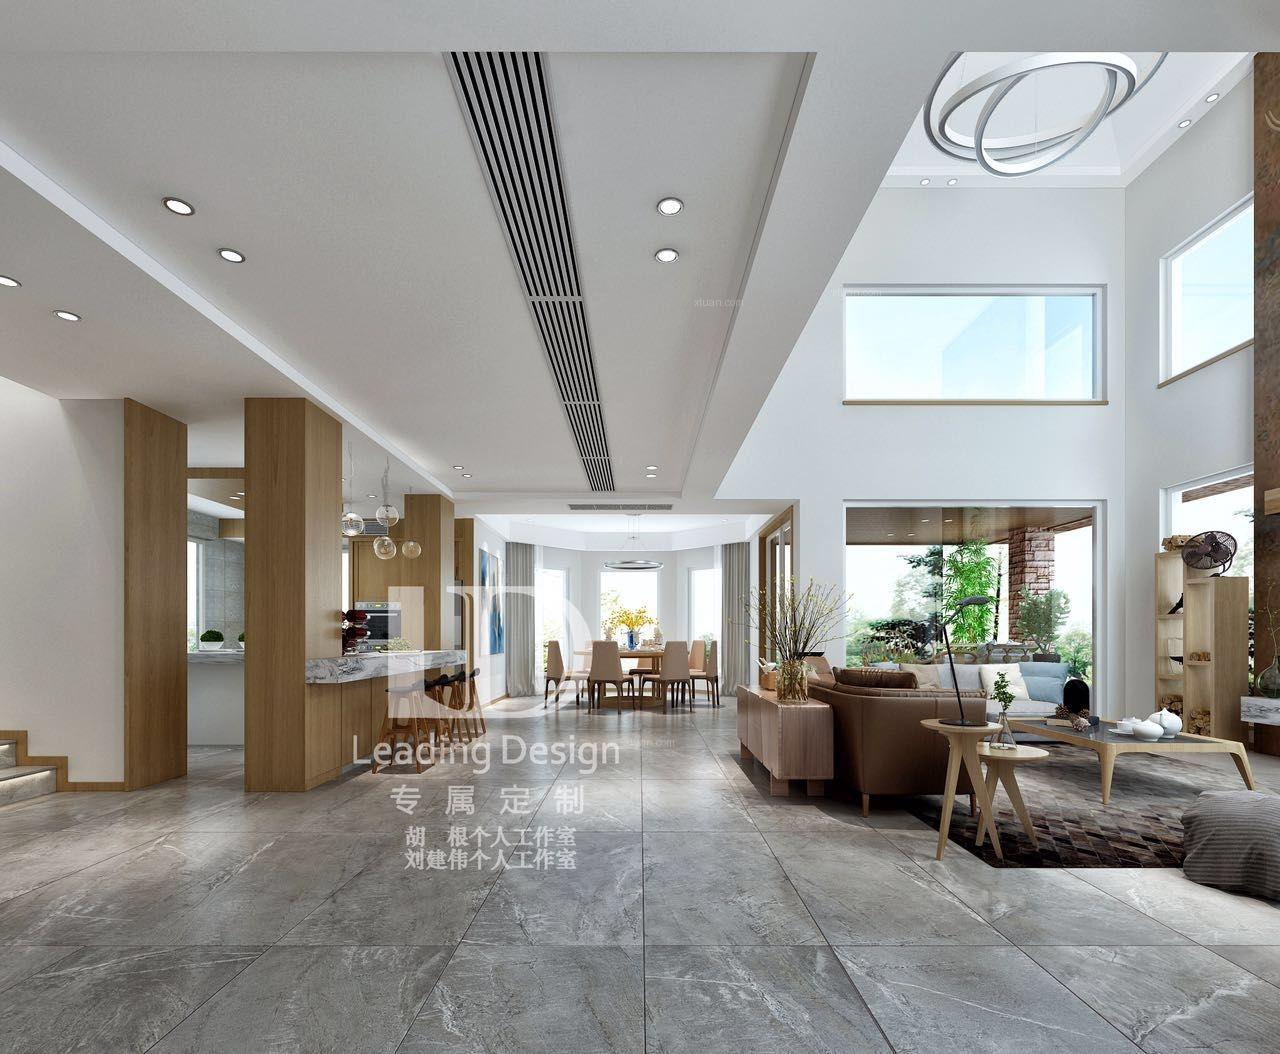 重庆棕榈泉独栋别墅装修,400平北欧风格装修案例效果